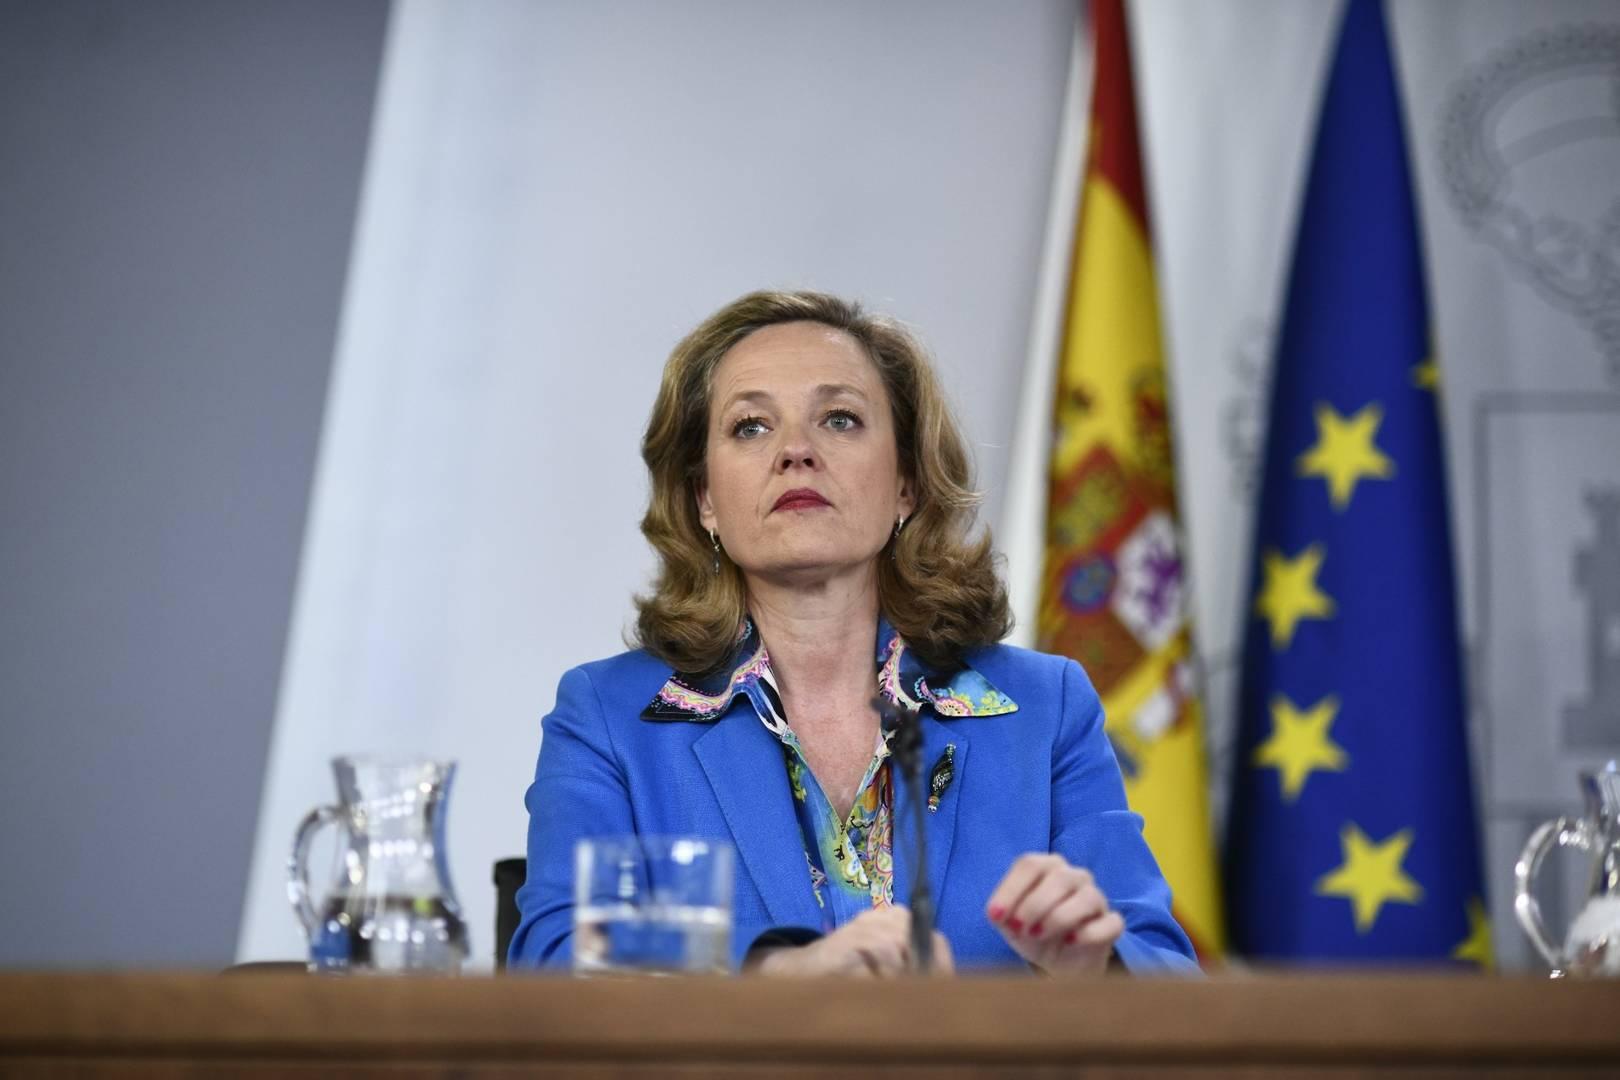 Coyuntura: El Gobierno rebaja la previsión de crecimiento al 6,5% este año | Autor del artículo: Cristina Casillas